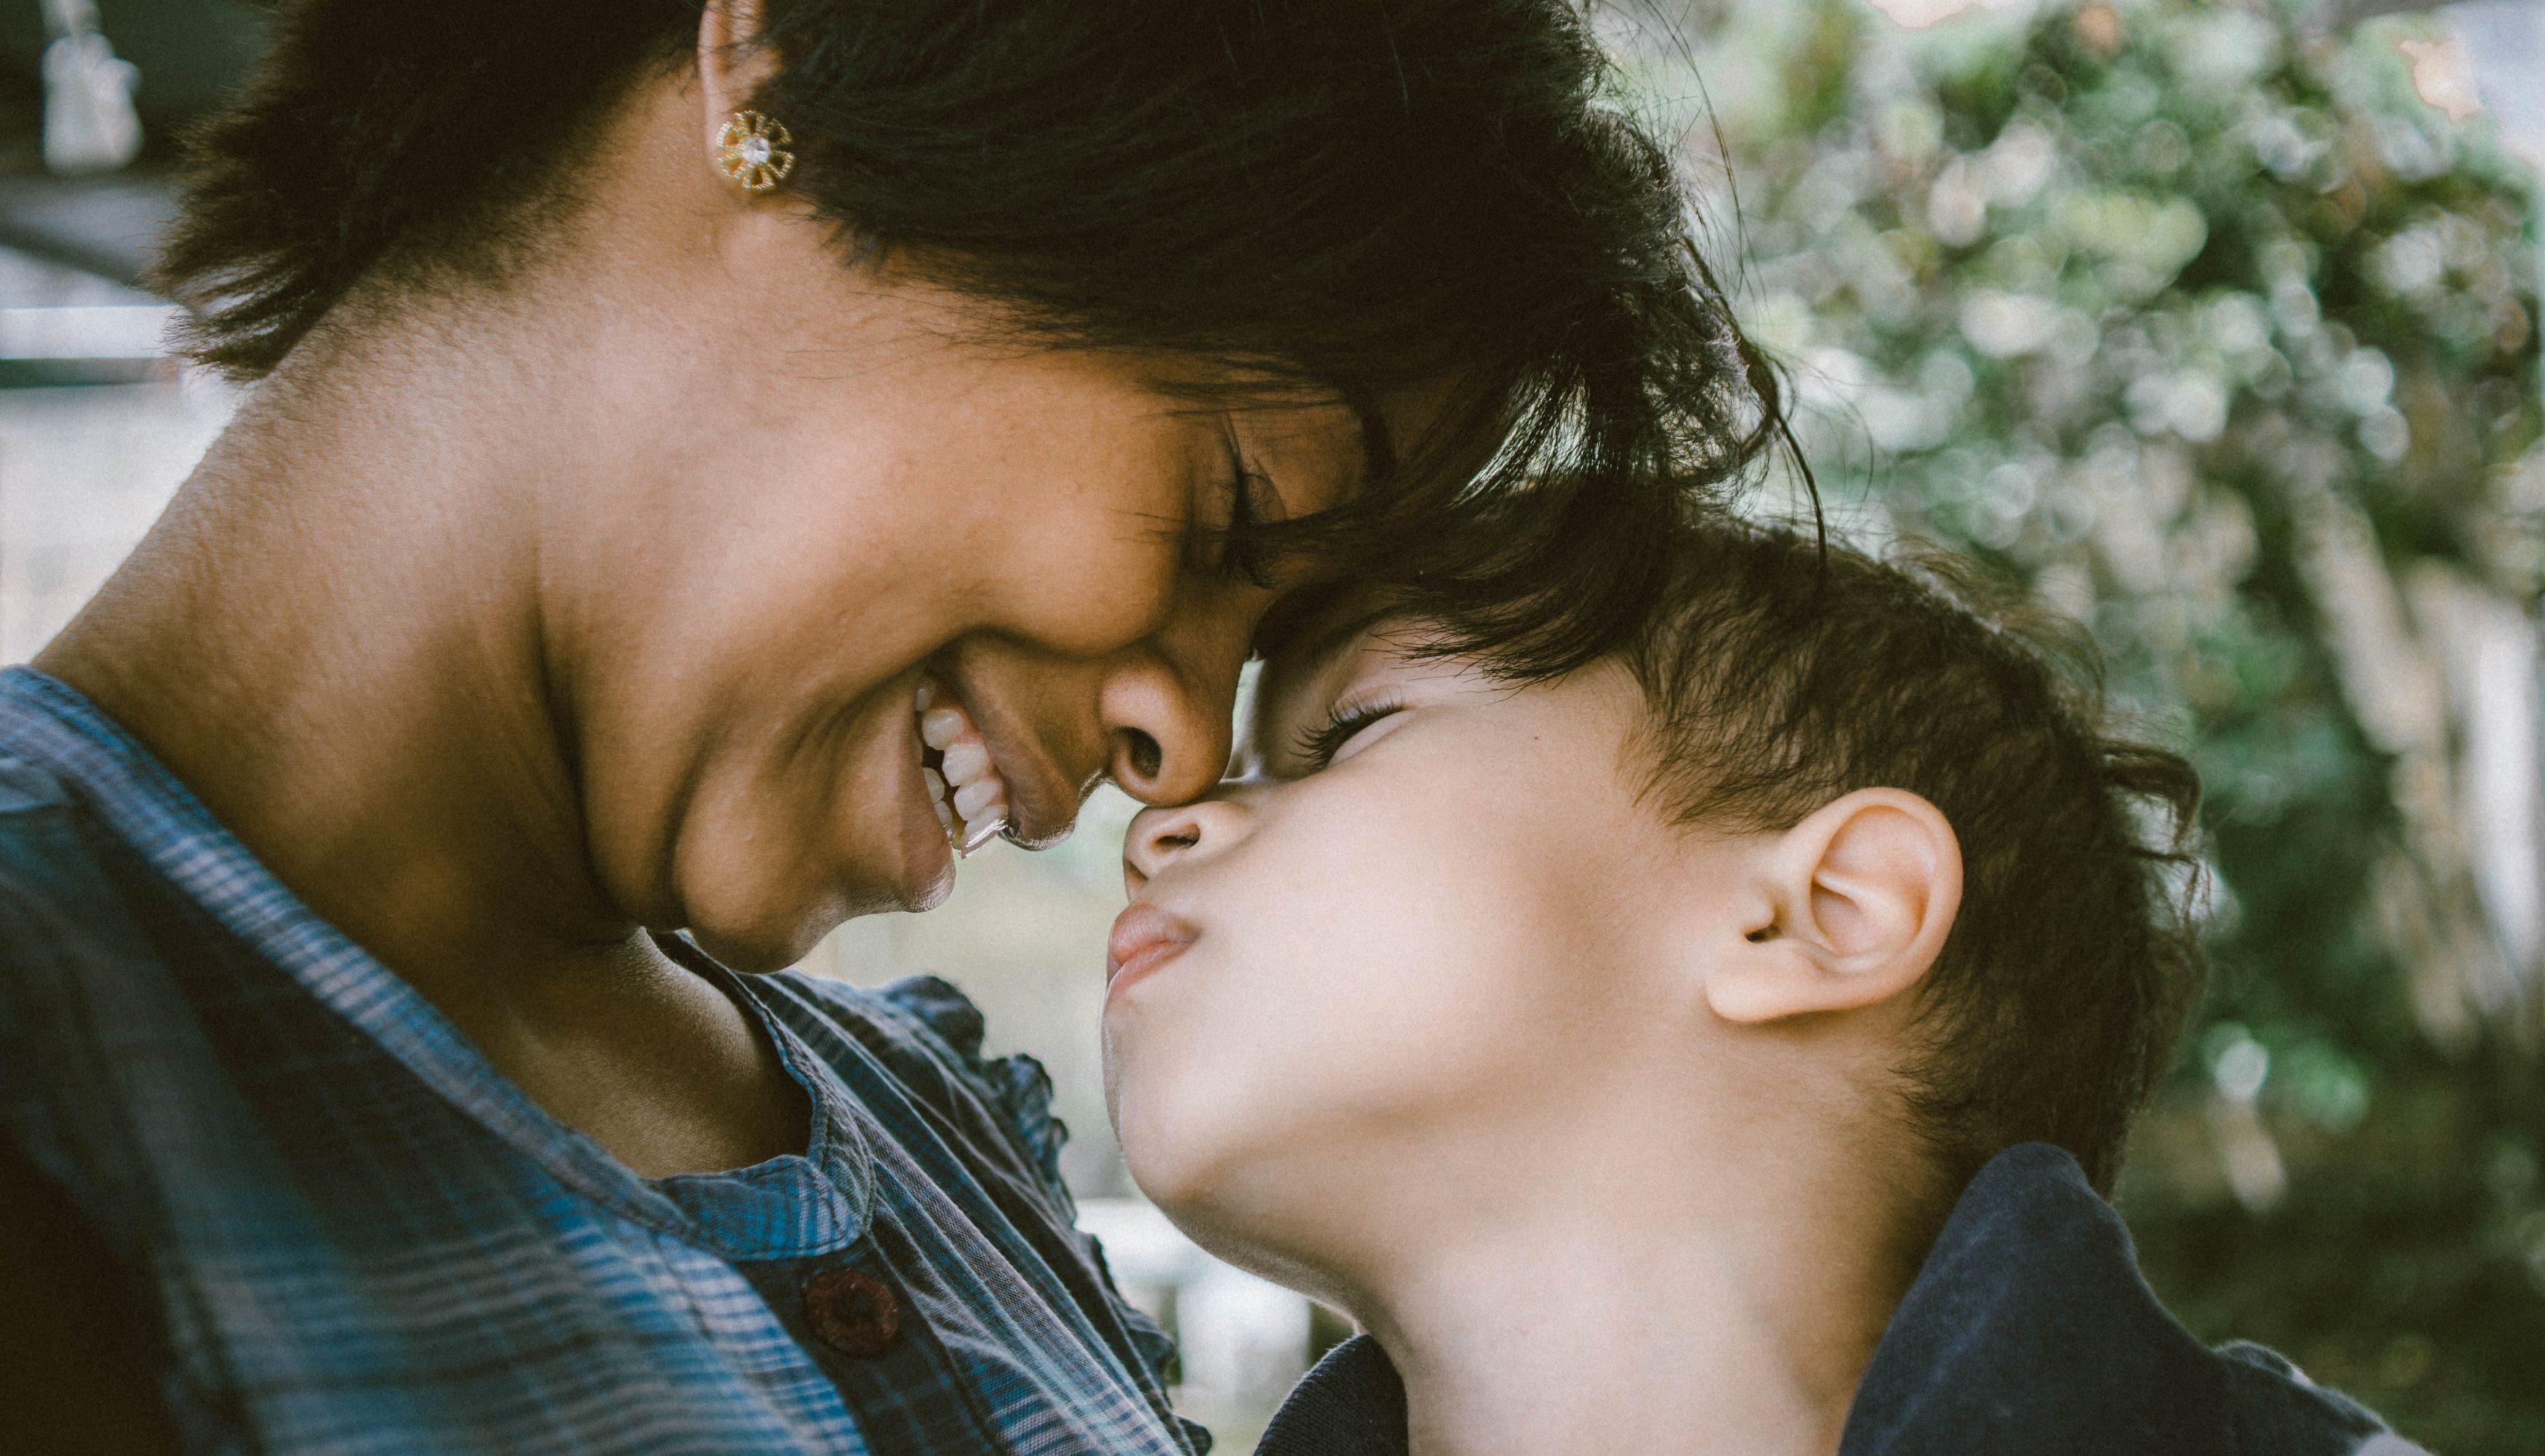 veiligheid voor kinderen. geborgenheid traumaverwerking